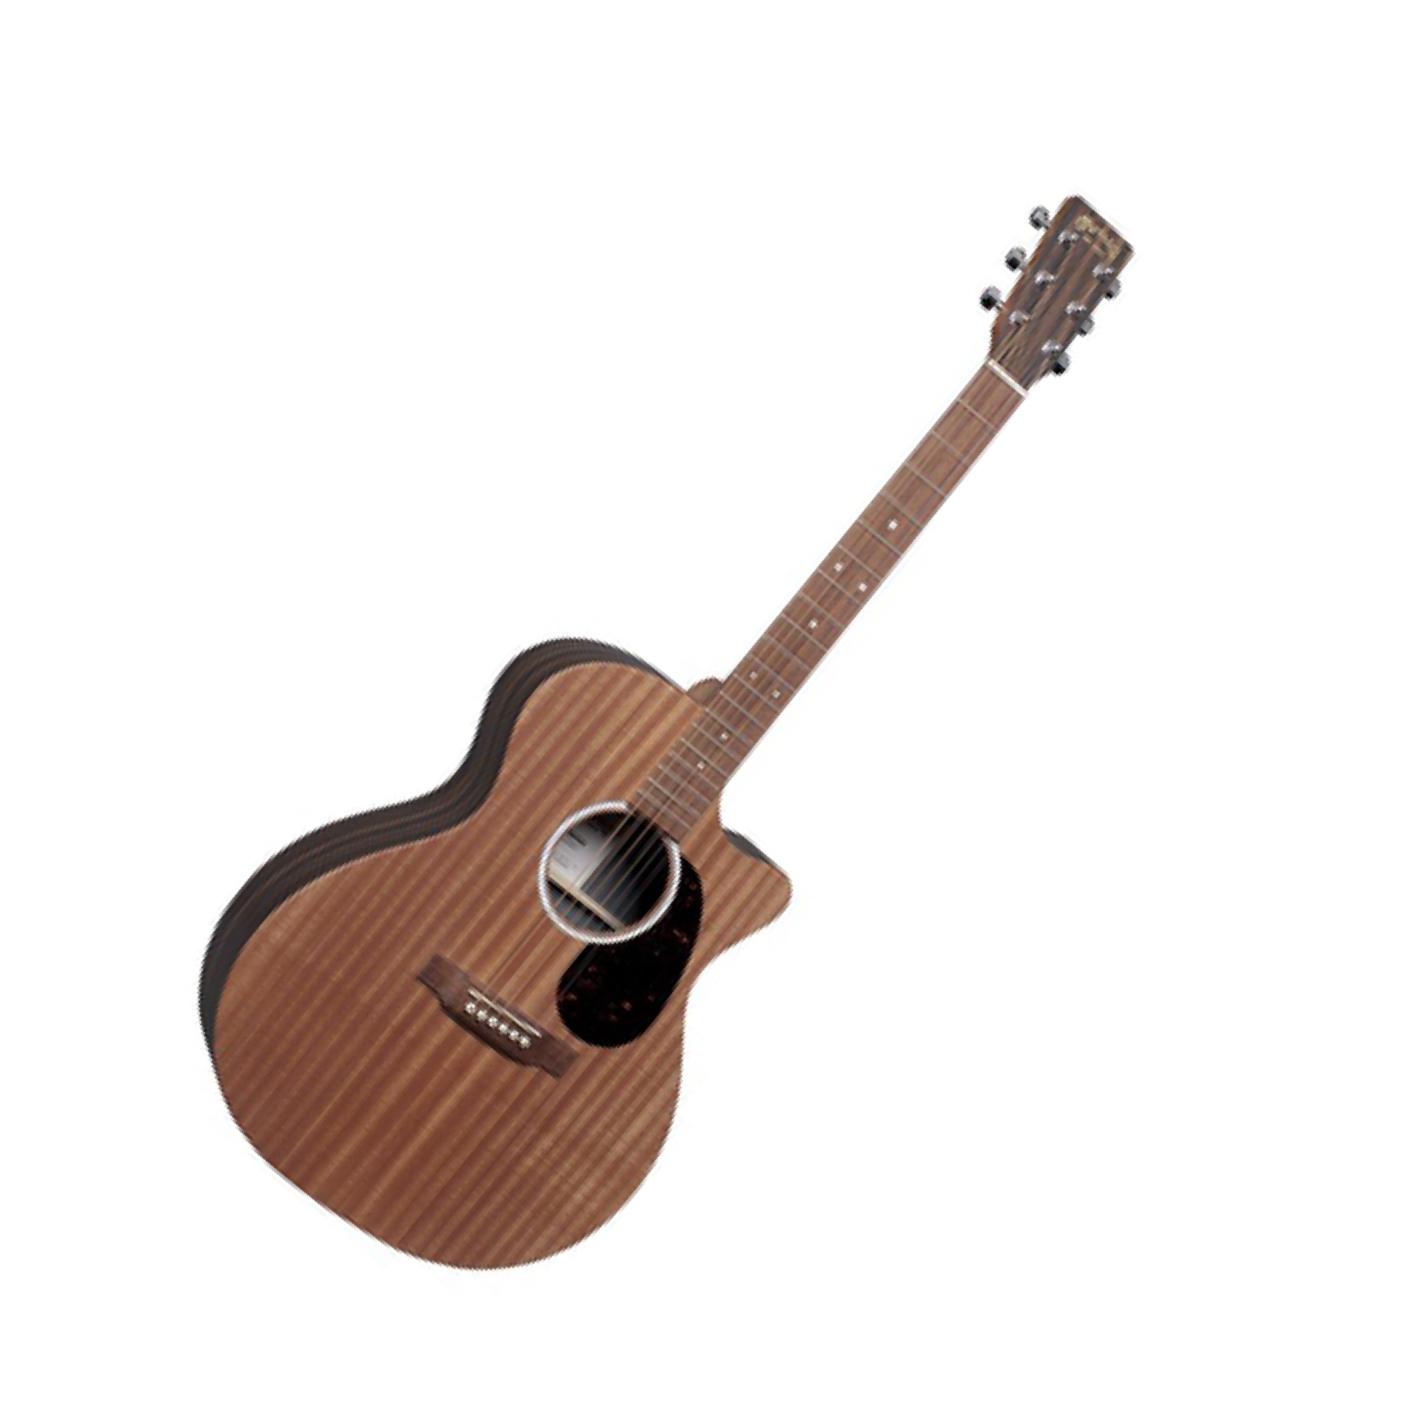 Martin GPCX2AE Macassar Sapele Electro-Acoustic Guitar